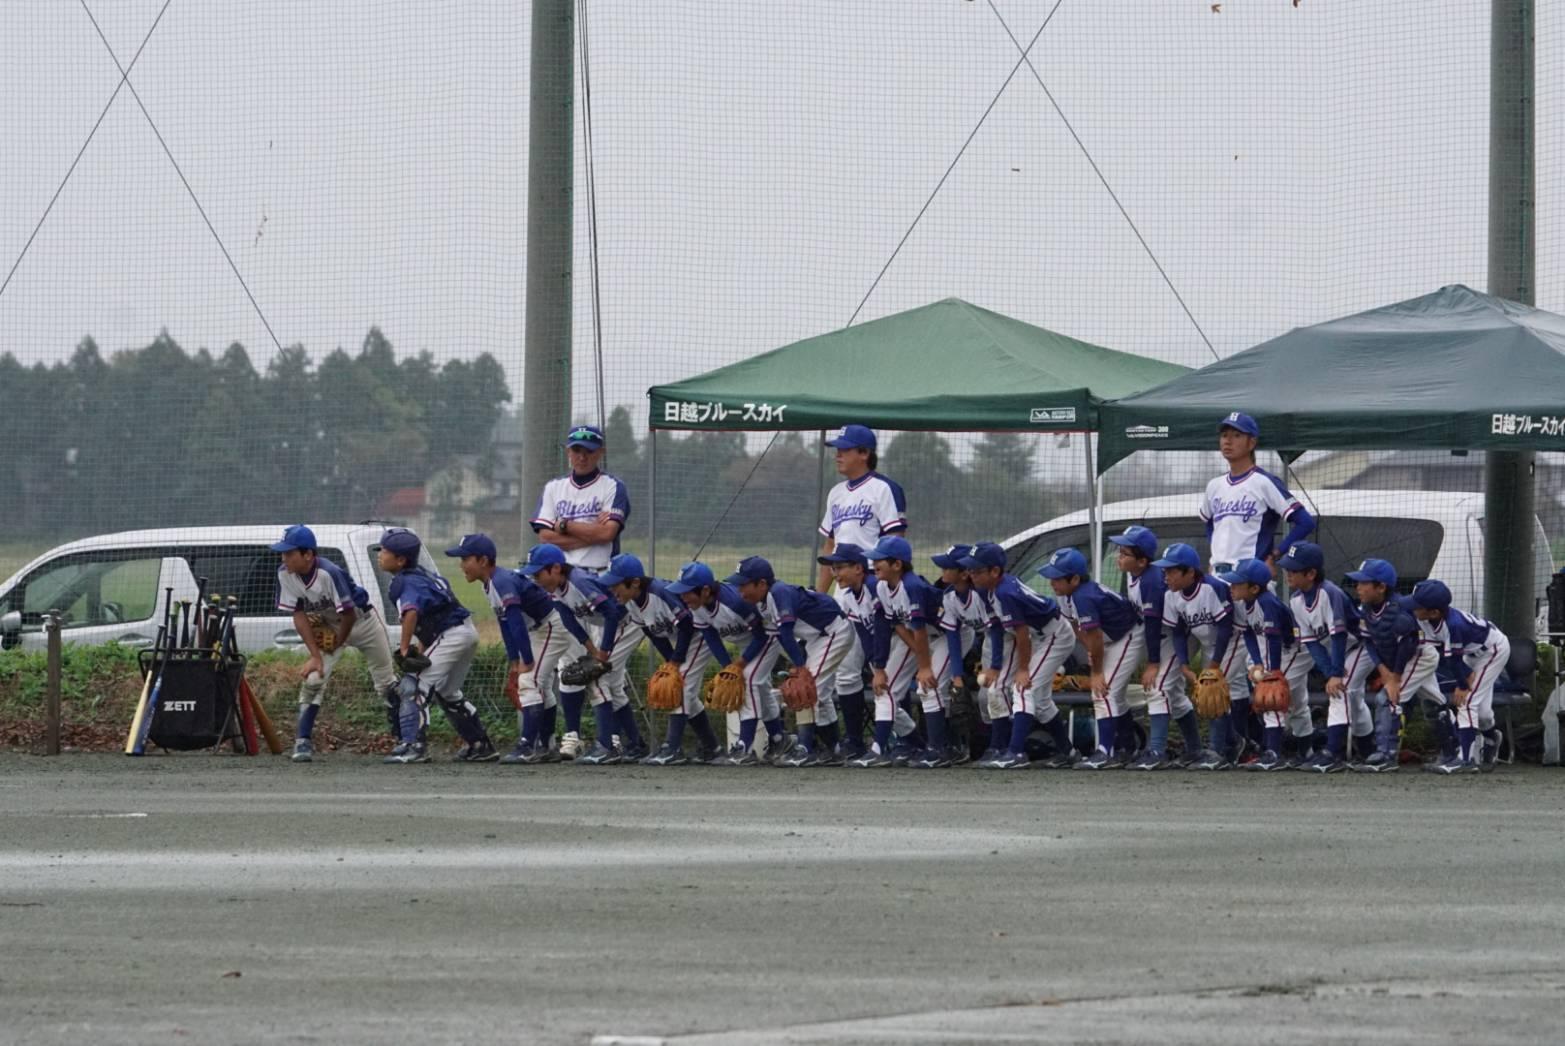 新潟日報チャレンジカップ野球大会 優勝しましたぁー!(^^)_b0095176_10464430.jpeg